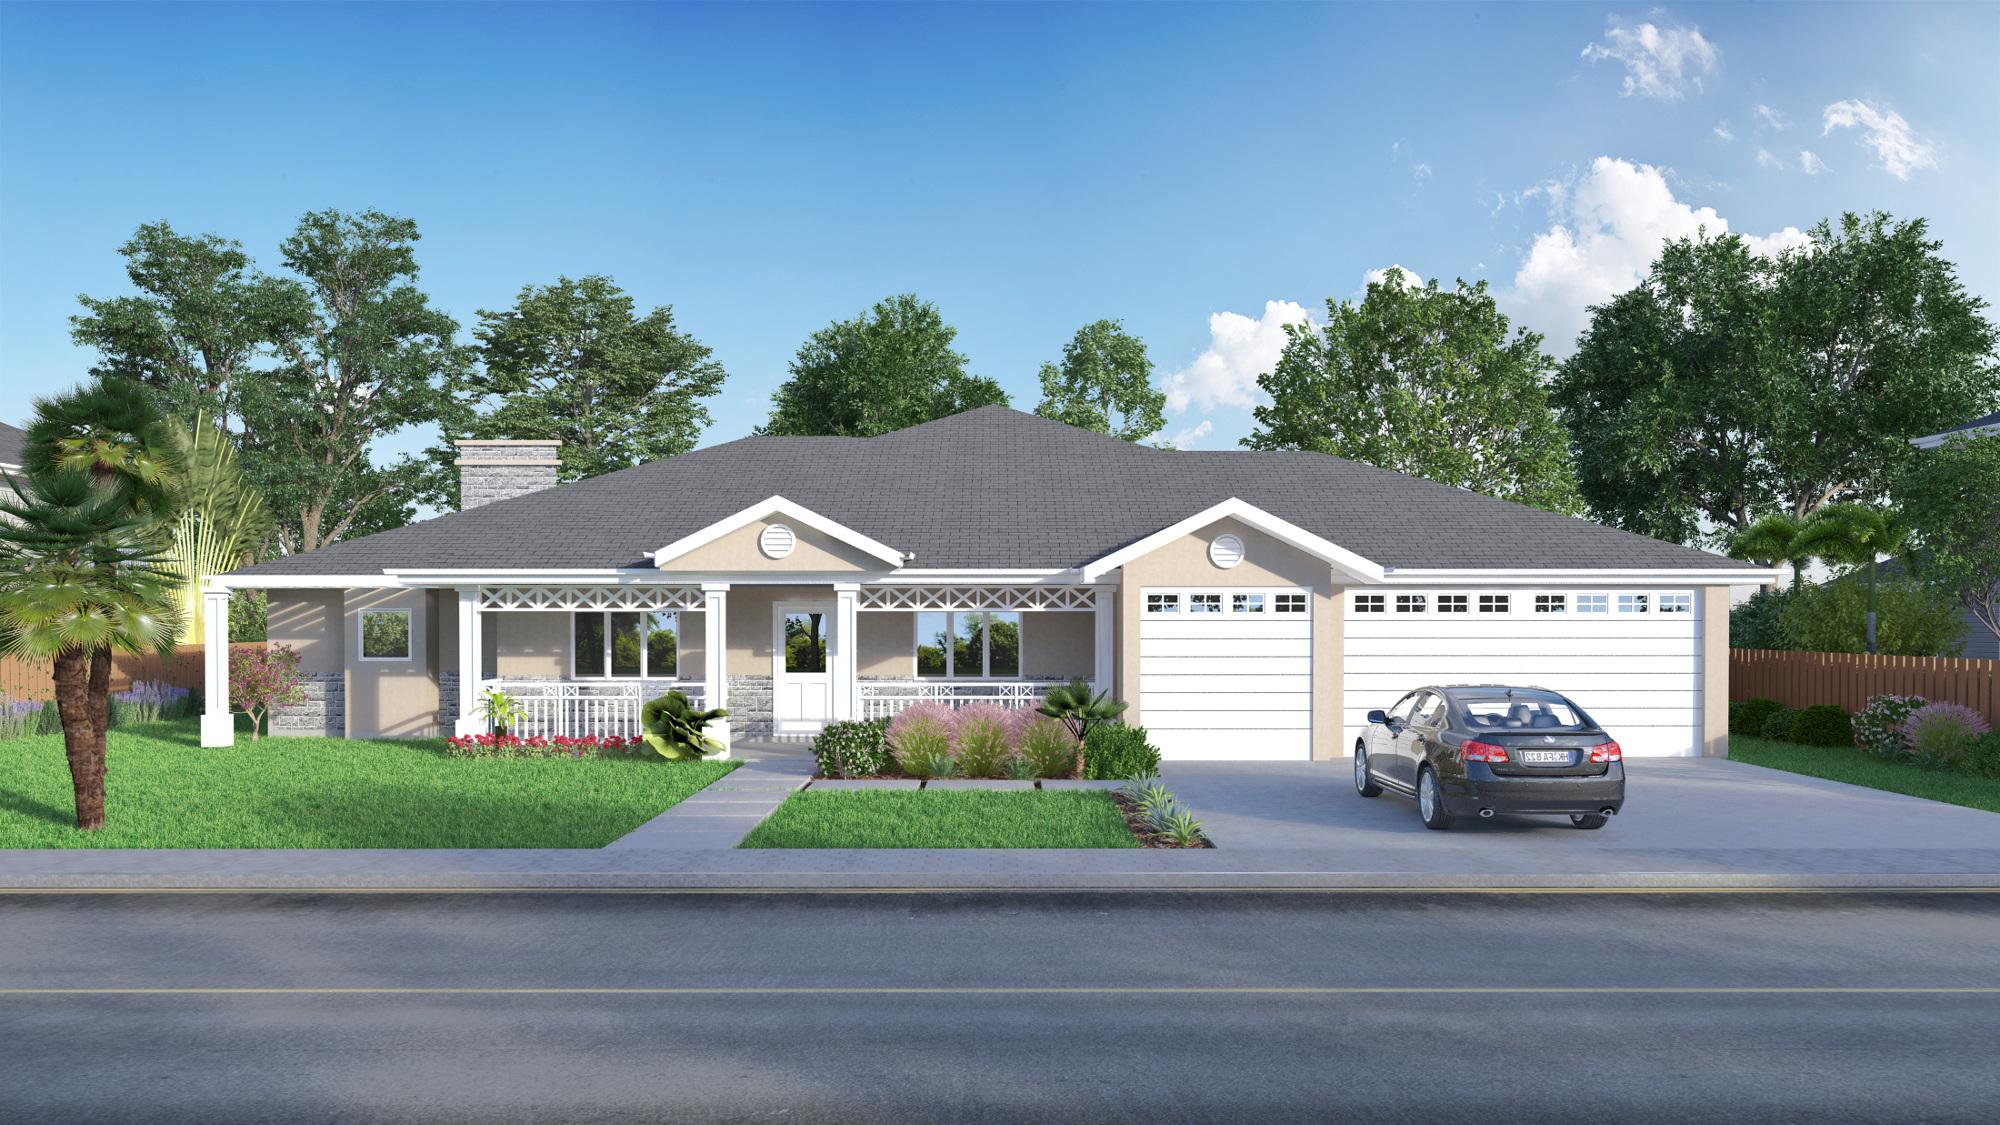 Home Design - Rigel - h4003